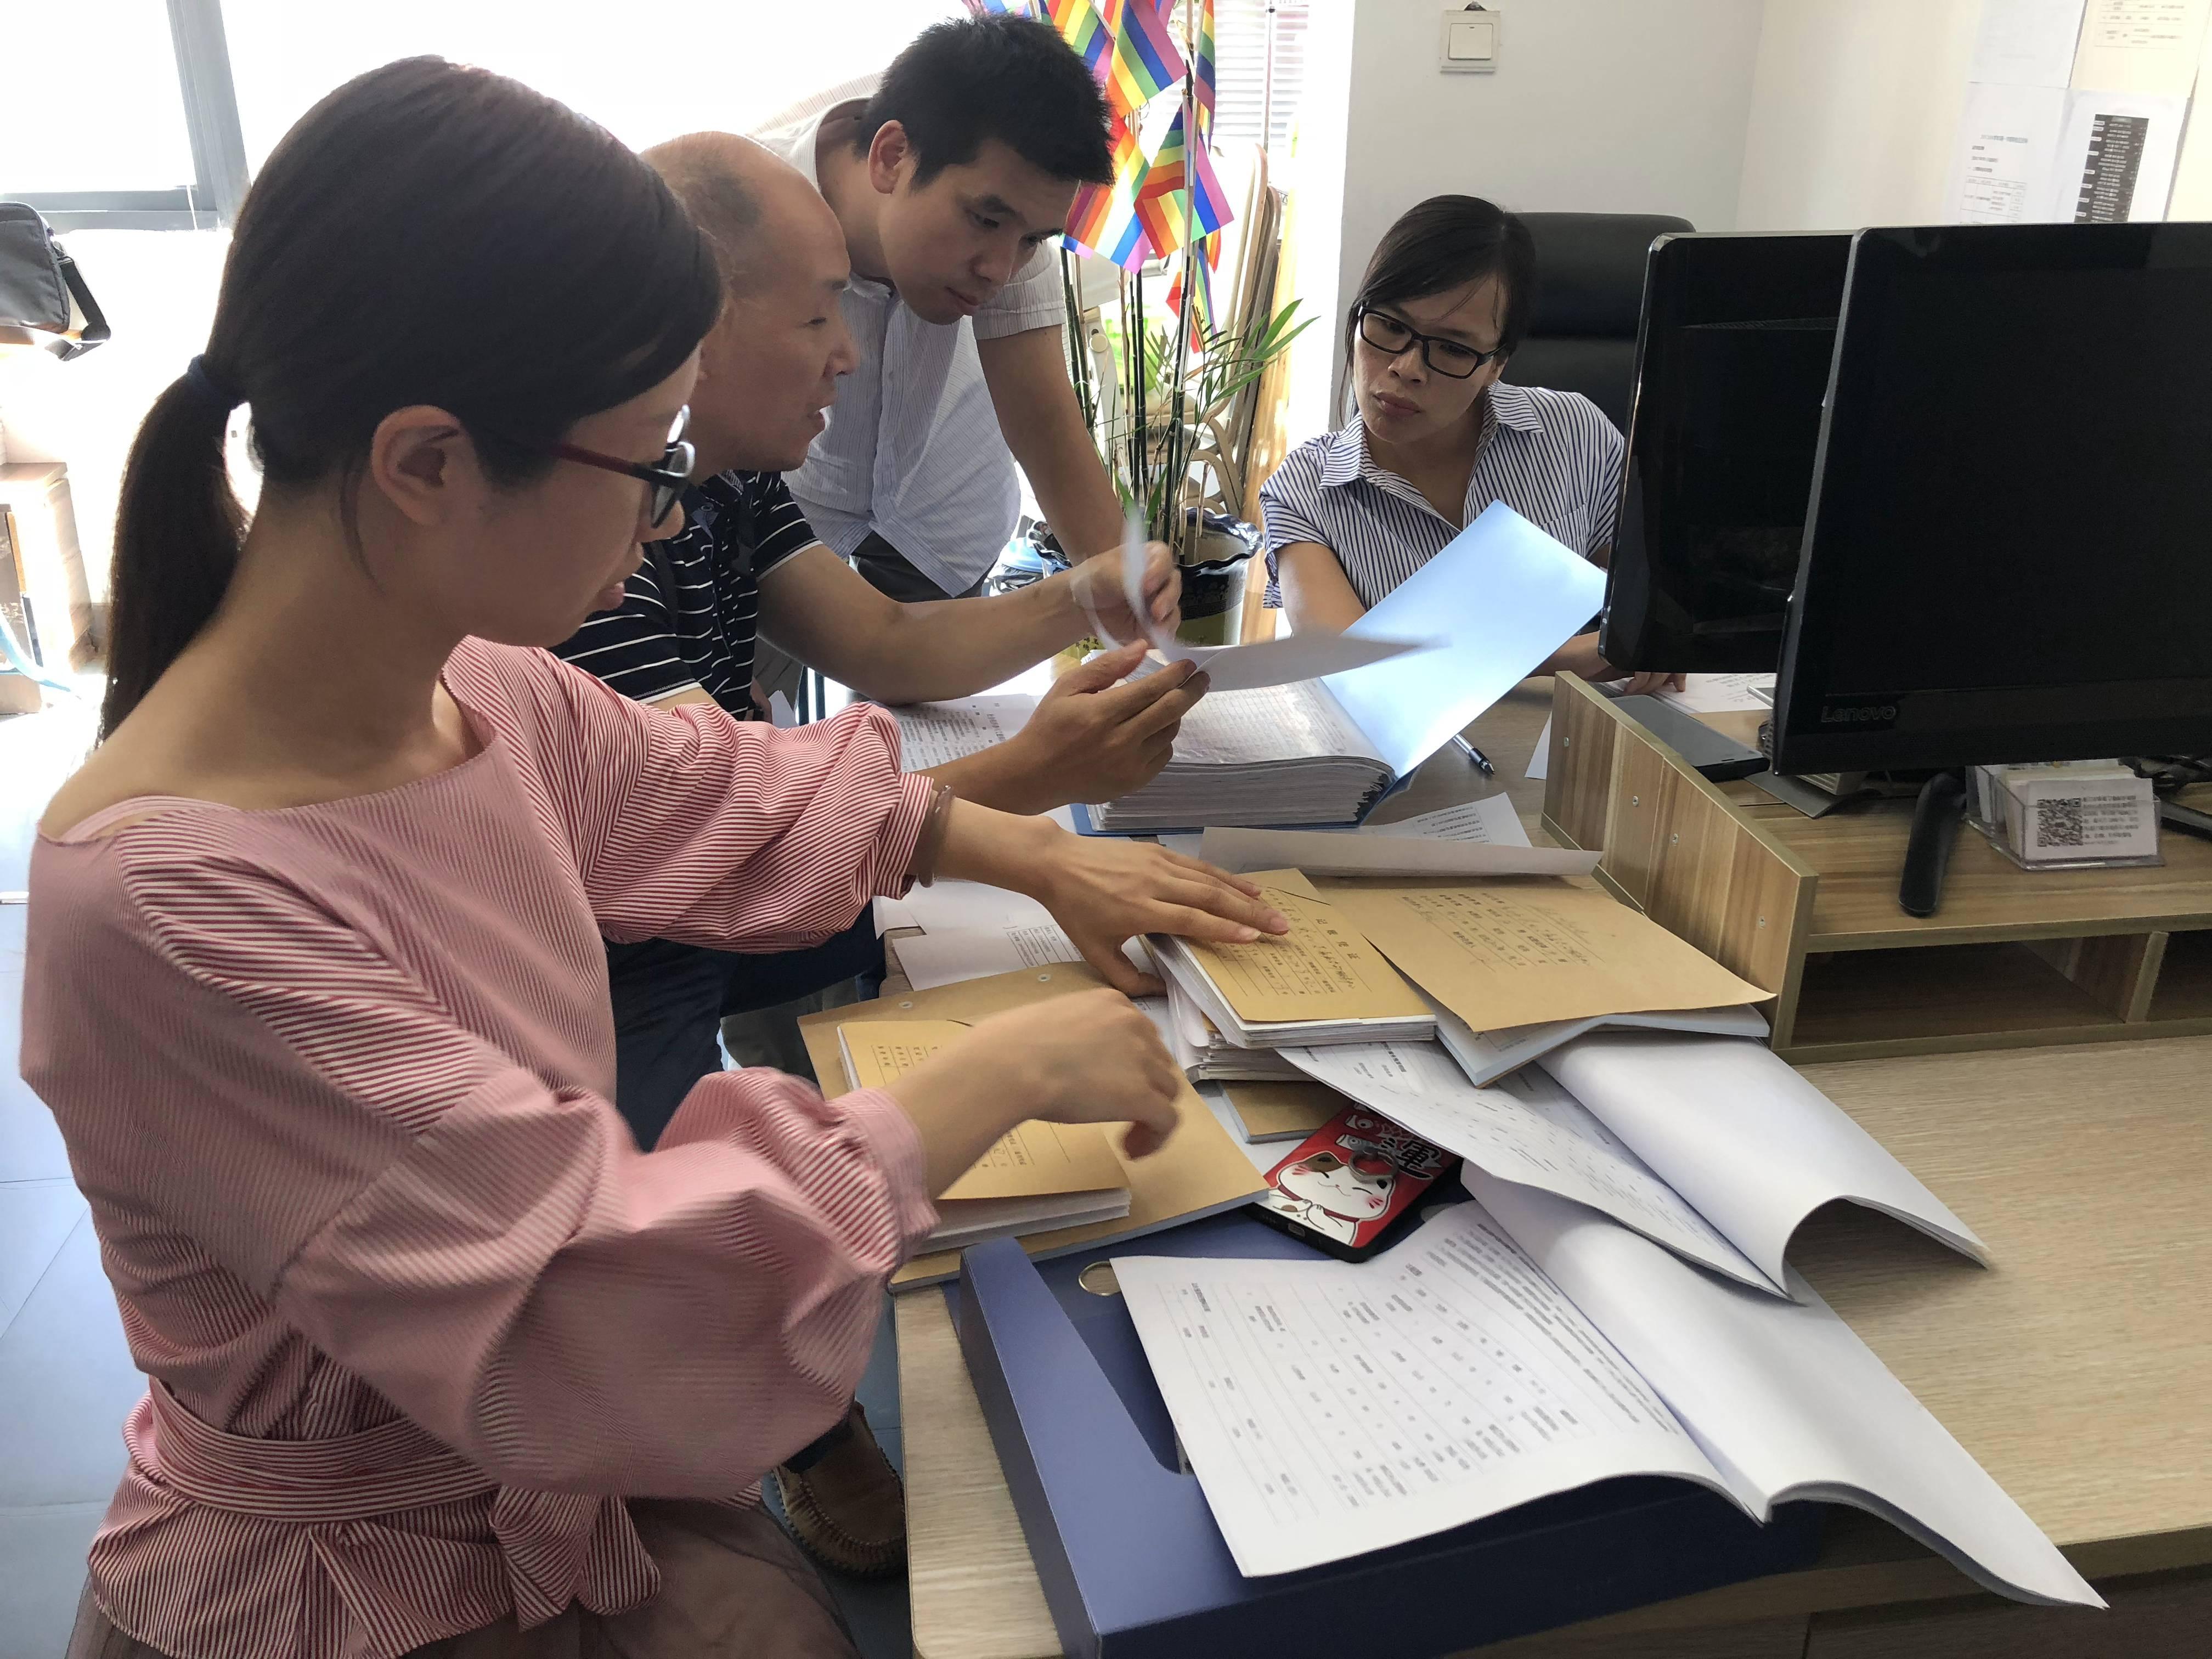 福建省开展社会组织防艾基金 2016-2017年项目实施单位工作考核